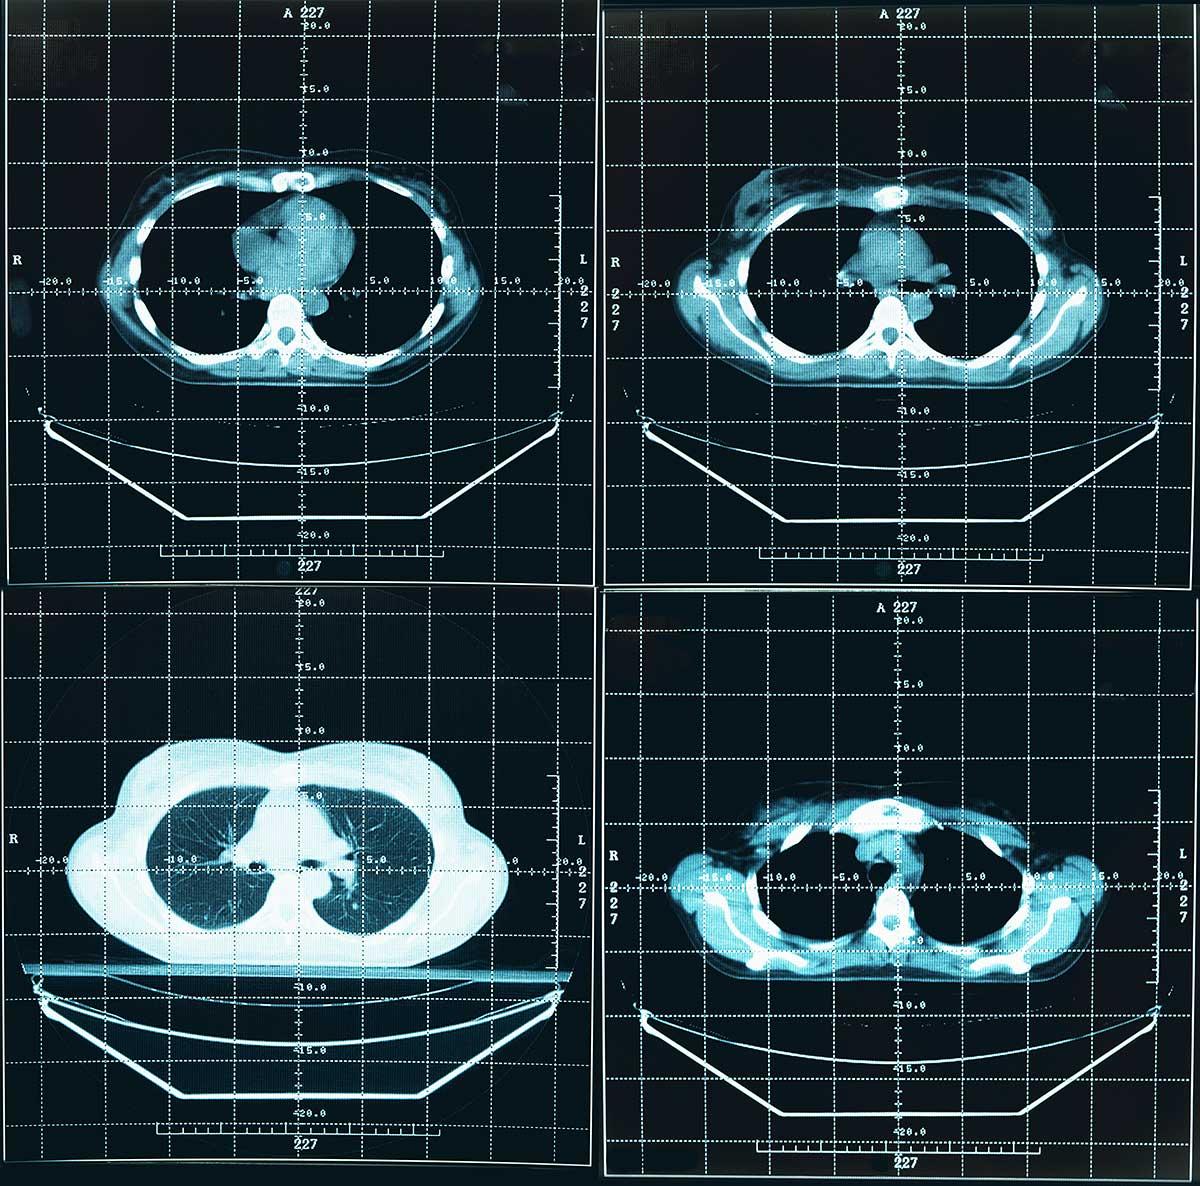 KI findet Lungenkrebs auf Computertomografien - CT Scan eines Brustkorbs, mit dem der Deep Learning Algorithmus trainiert wurde